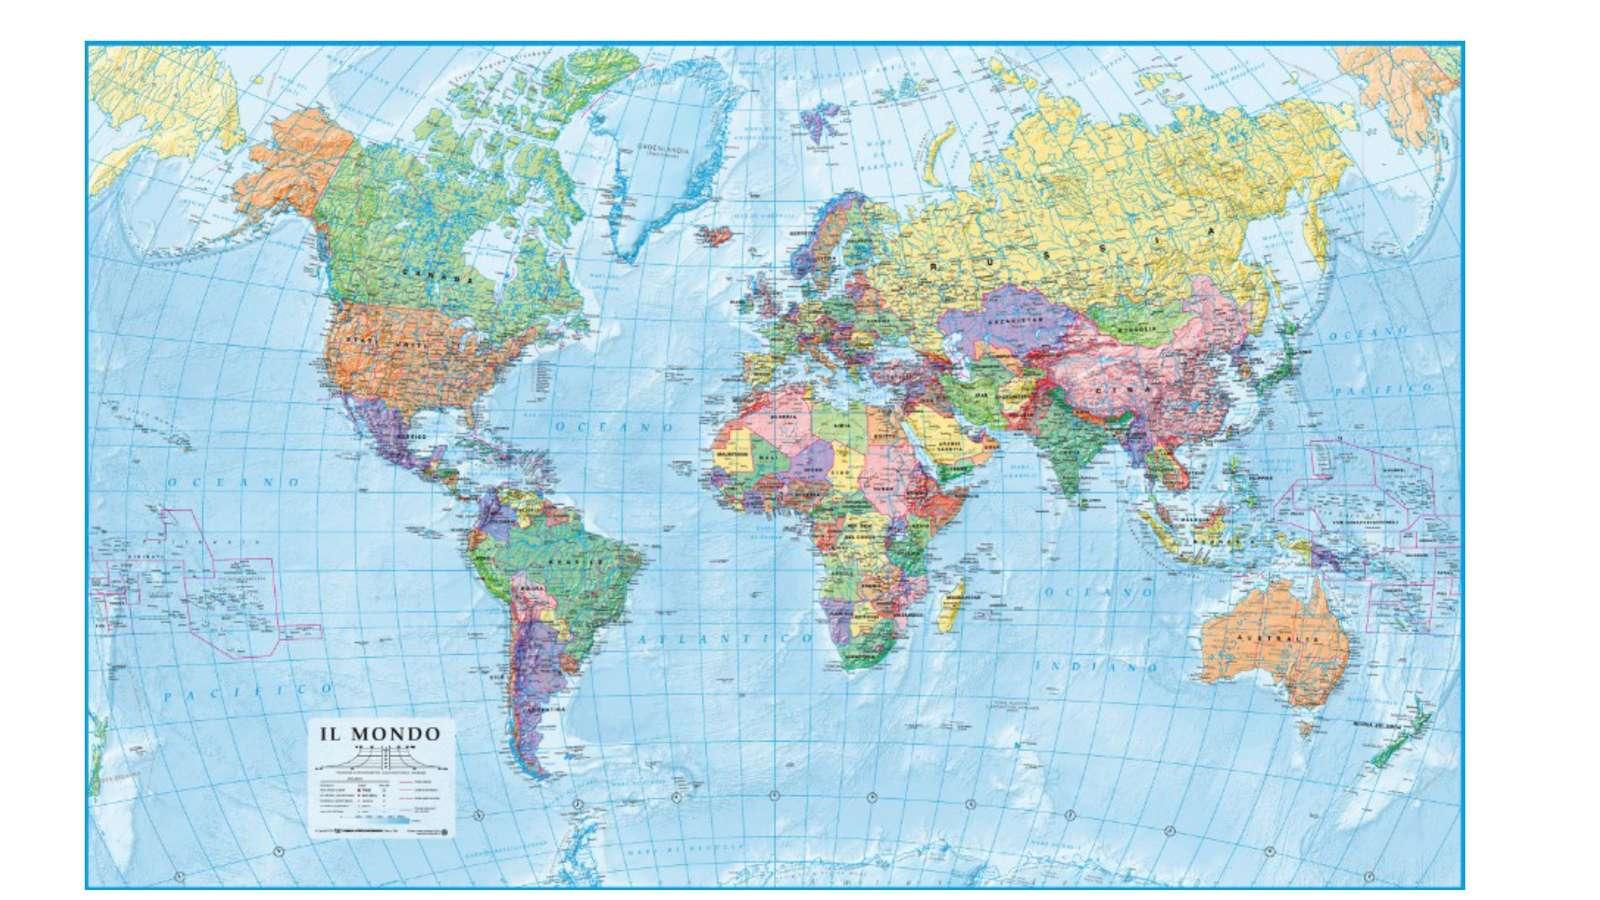 wereldwijd project - Unipv University Project 2018 (4×4)